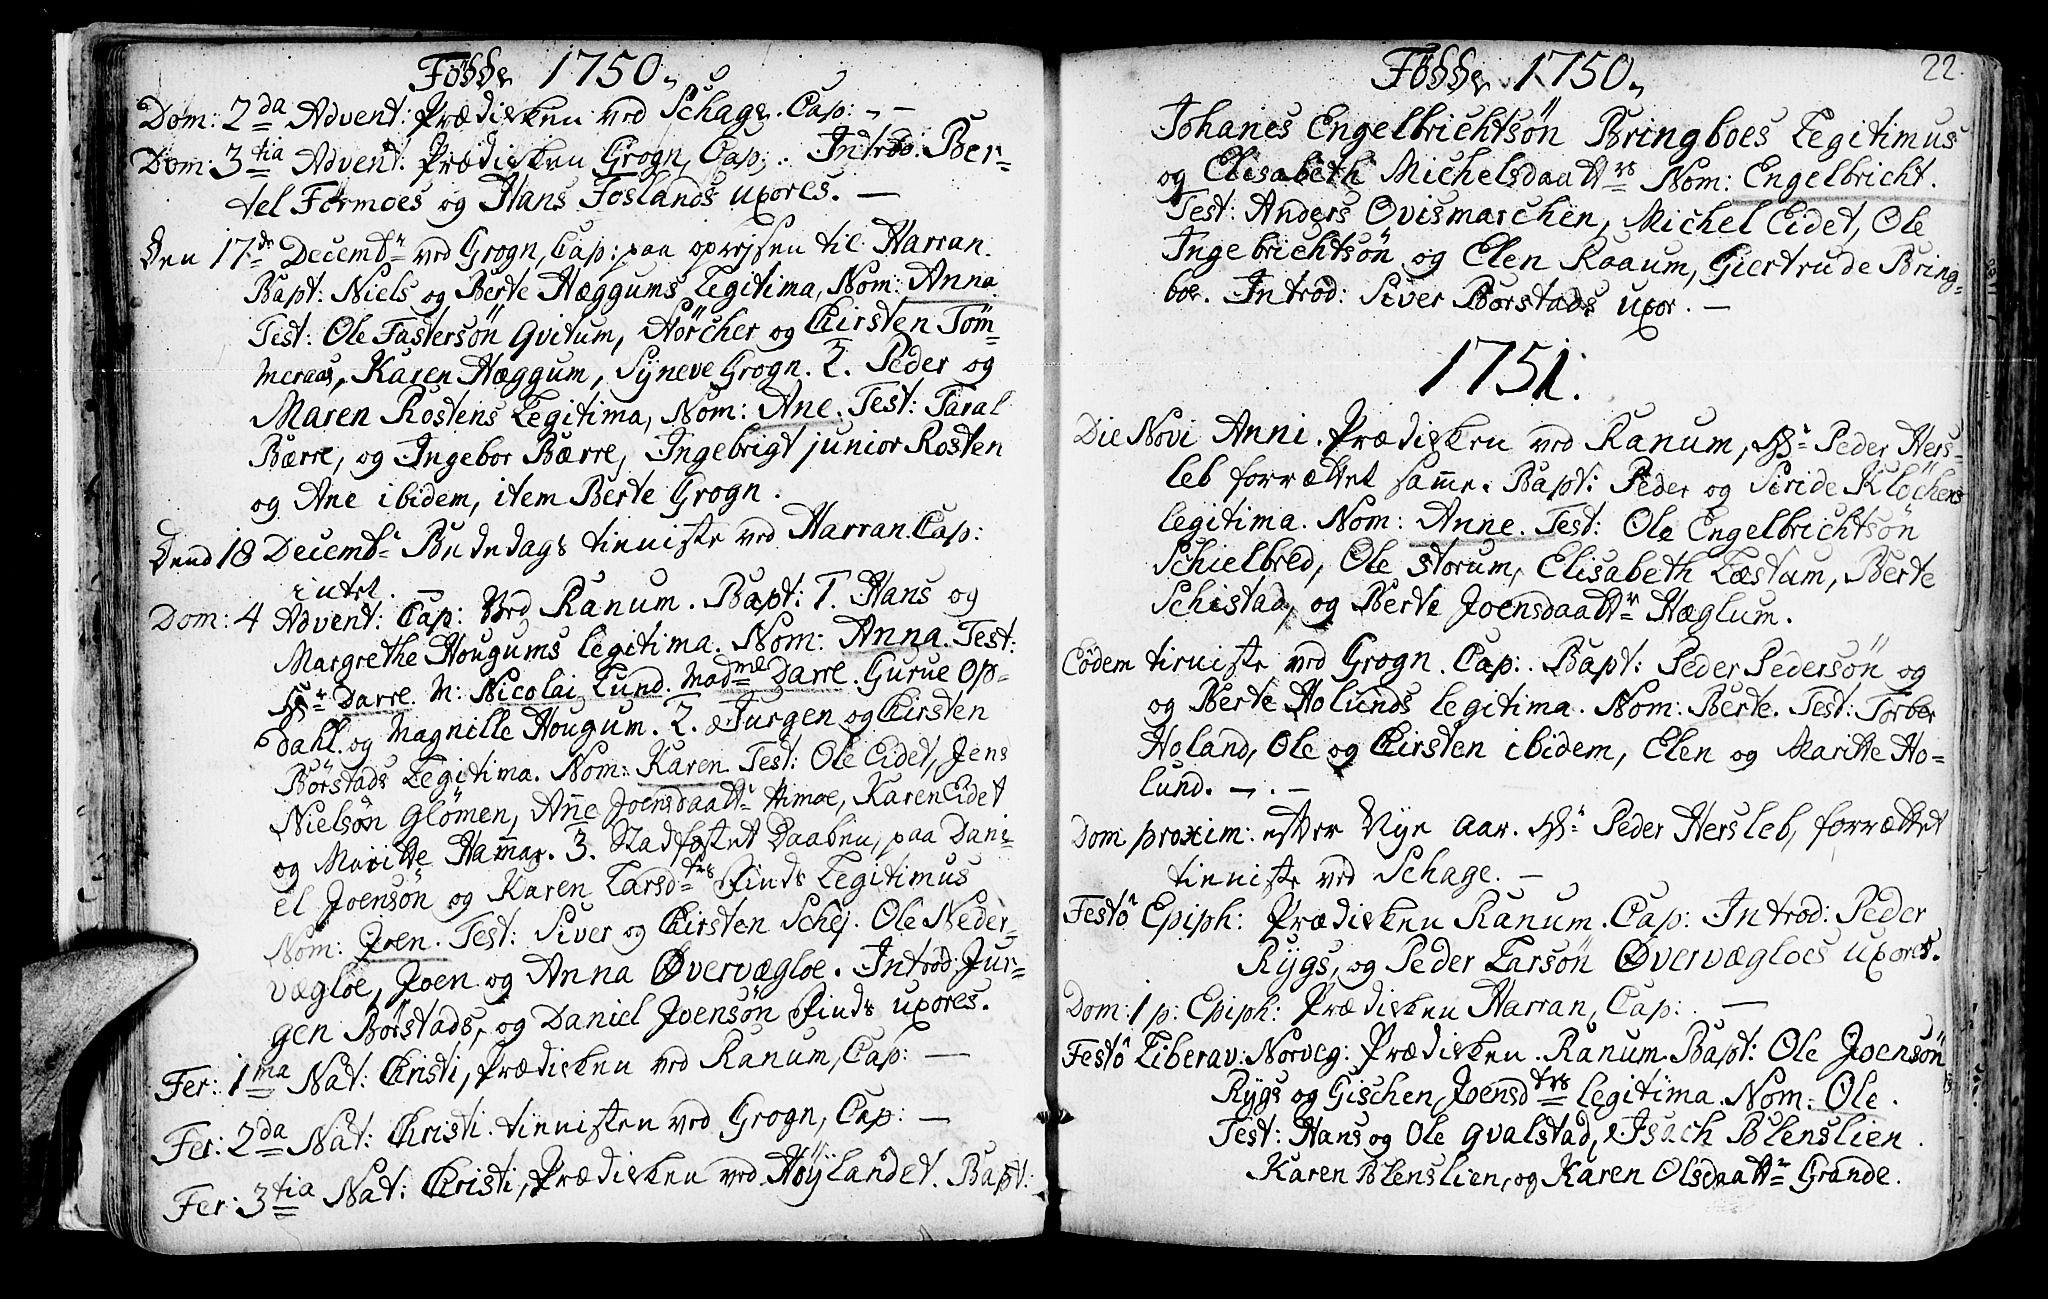 SAT, Ministerialprotokoller, klokkerbøker og fødselsregistre - Nord-Trøndelag, 764/L0542: Ministerialbok nr. 764A02, 1748-1779, s. 22